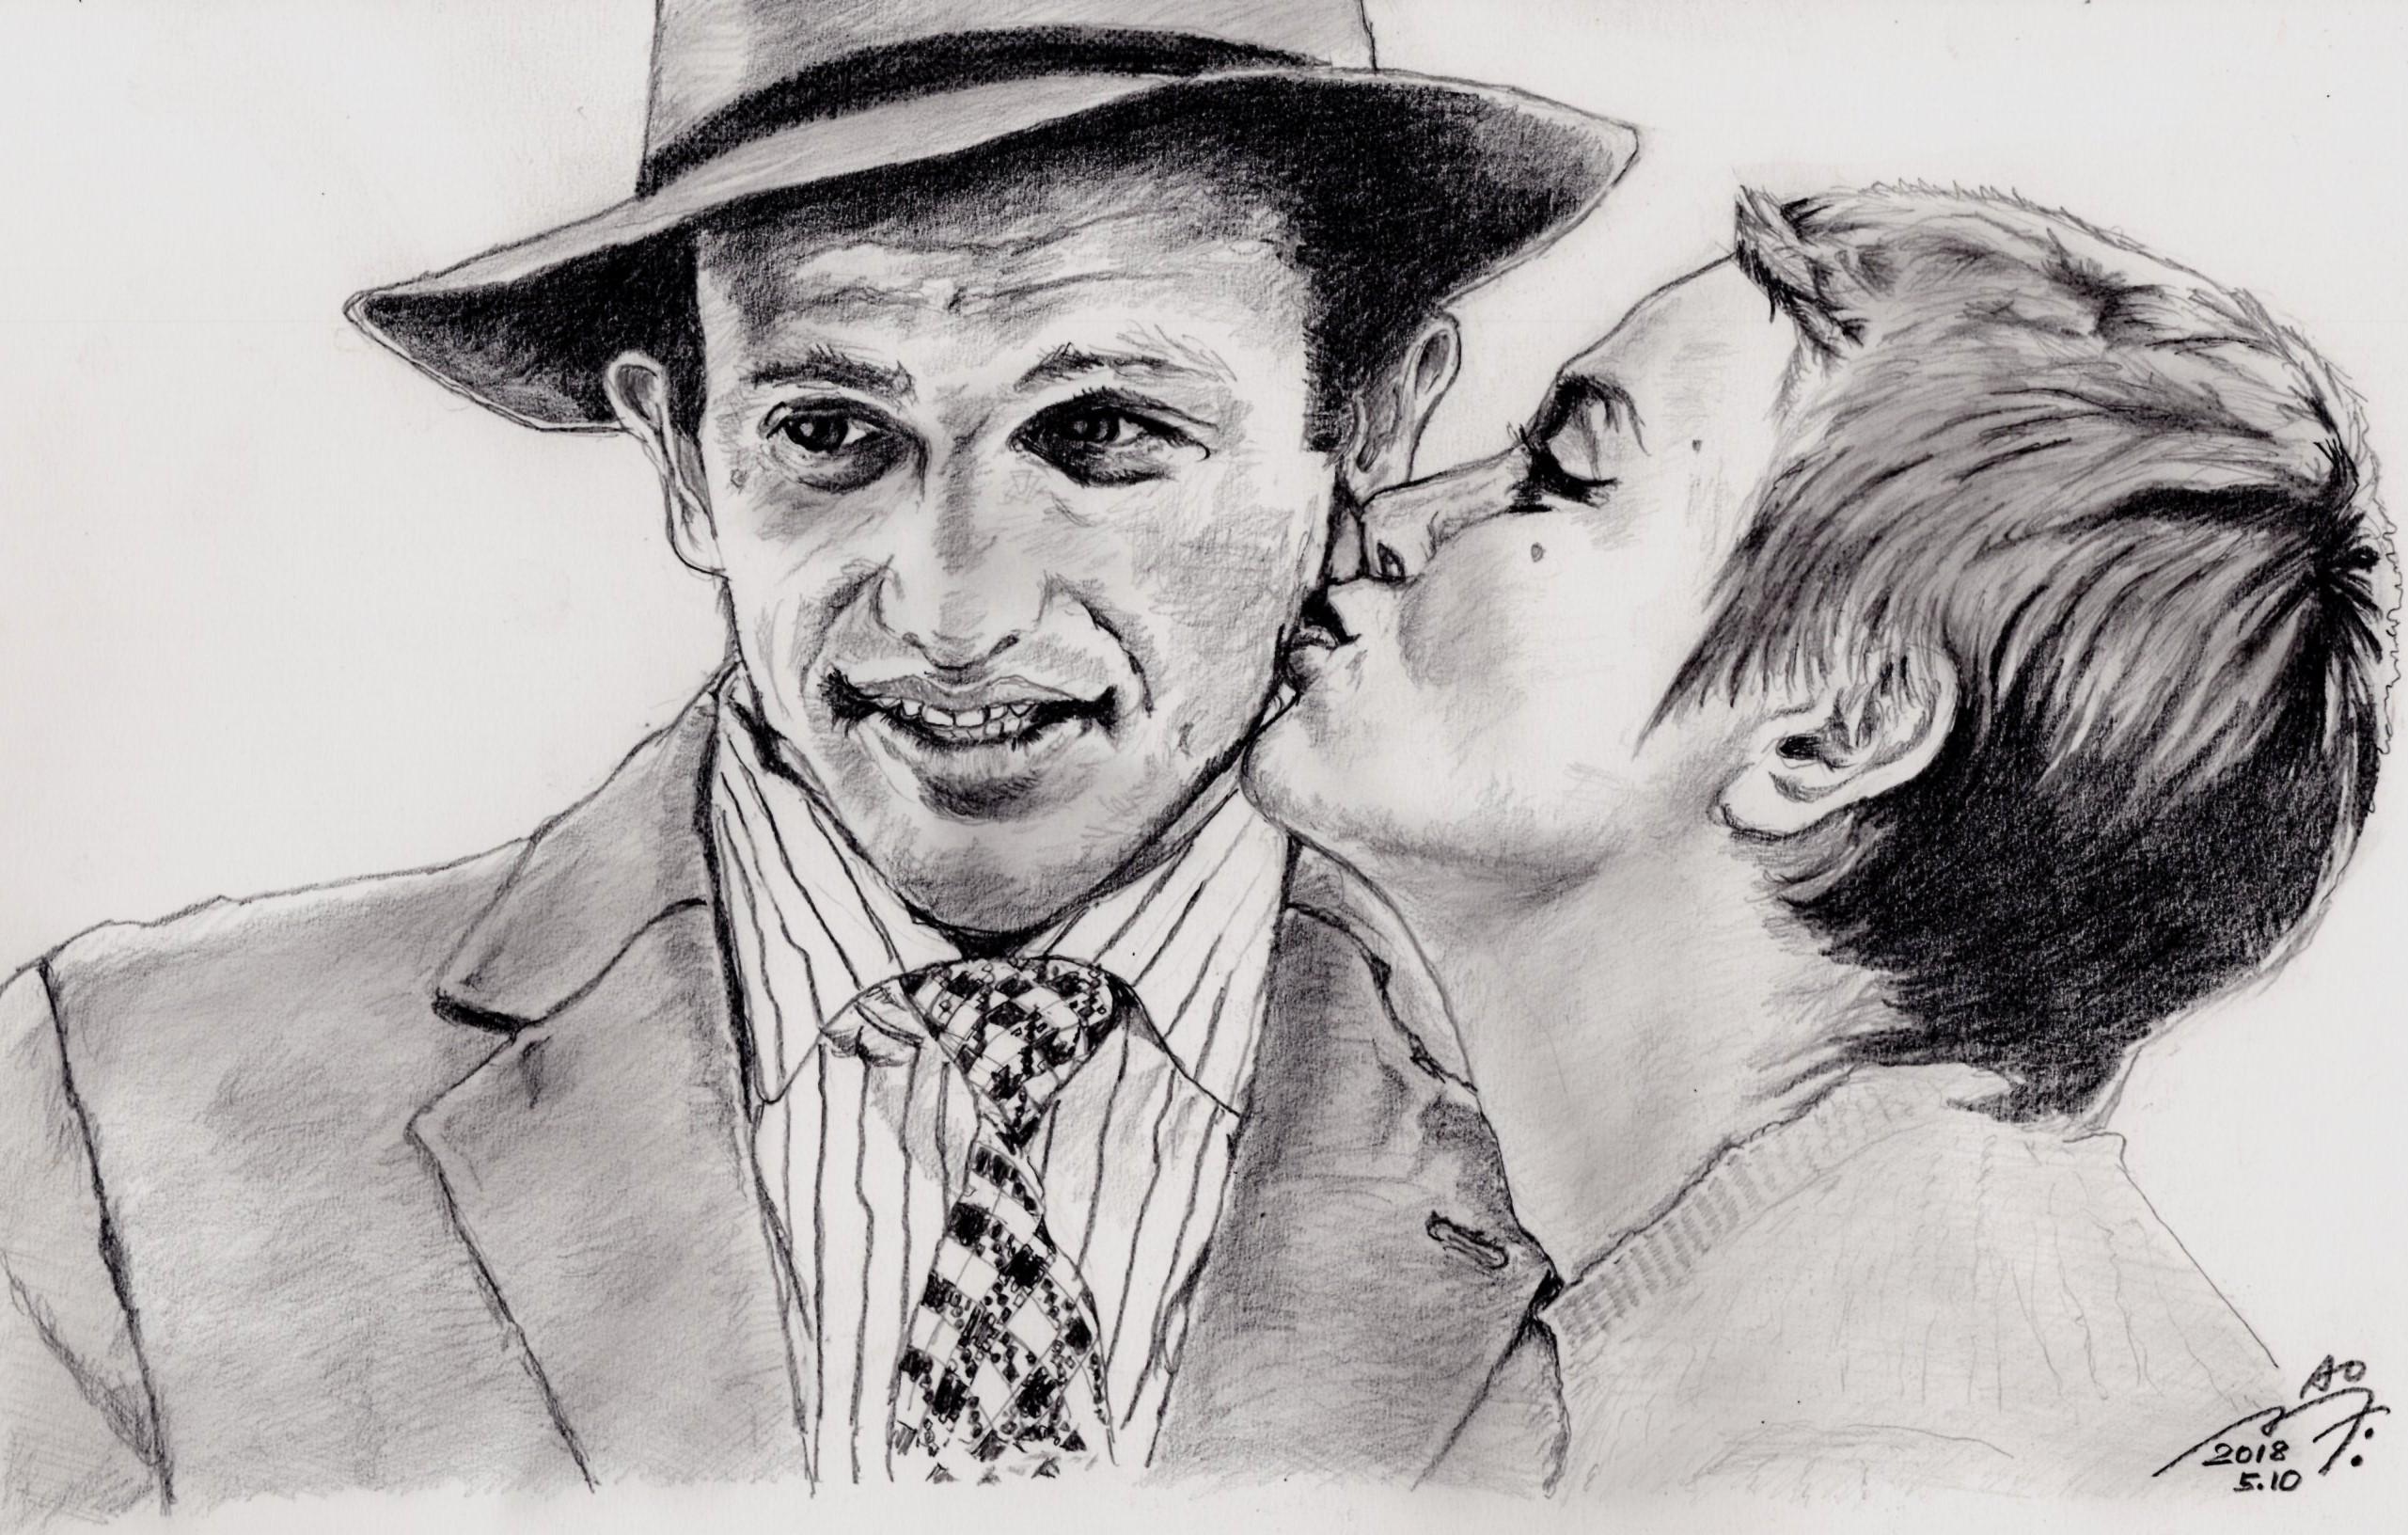 ジャン=ポール・ベルモンドの鉛筆画似顔絵